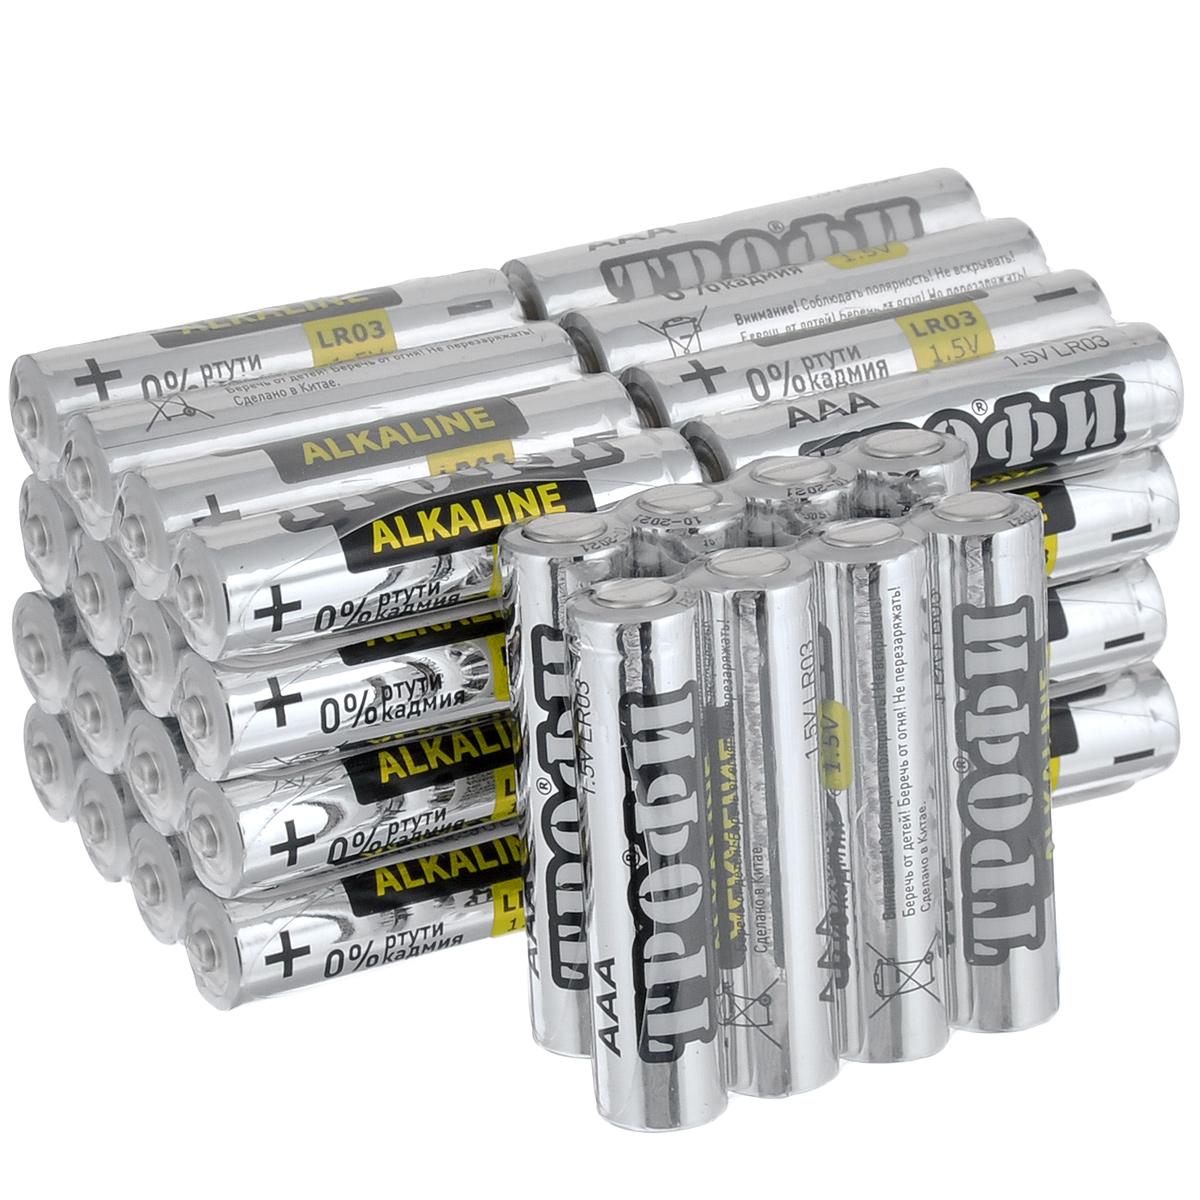 Батарейка алкалиновая Трофи, тип AAA (LR03), 1,5V, 40 штTD-W8950NЩелочные (алкалиновые) батарейки Трофи оптимально подходят для повседневного питания множества современных бытовых приборов: электронных игрушек, фонарей, беспроводной компьютерной периферии и многого другого. Не содержат кадмия и ртути. Батарейки созданы для устройств со средним и высоким потреблением энергии. Работают в 10 раз дольше, чем обычные солевые элементы питания.